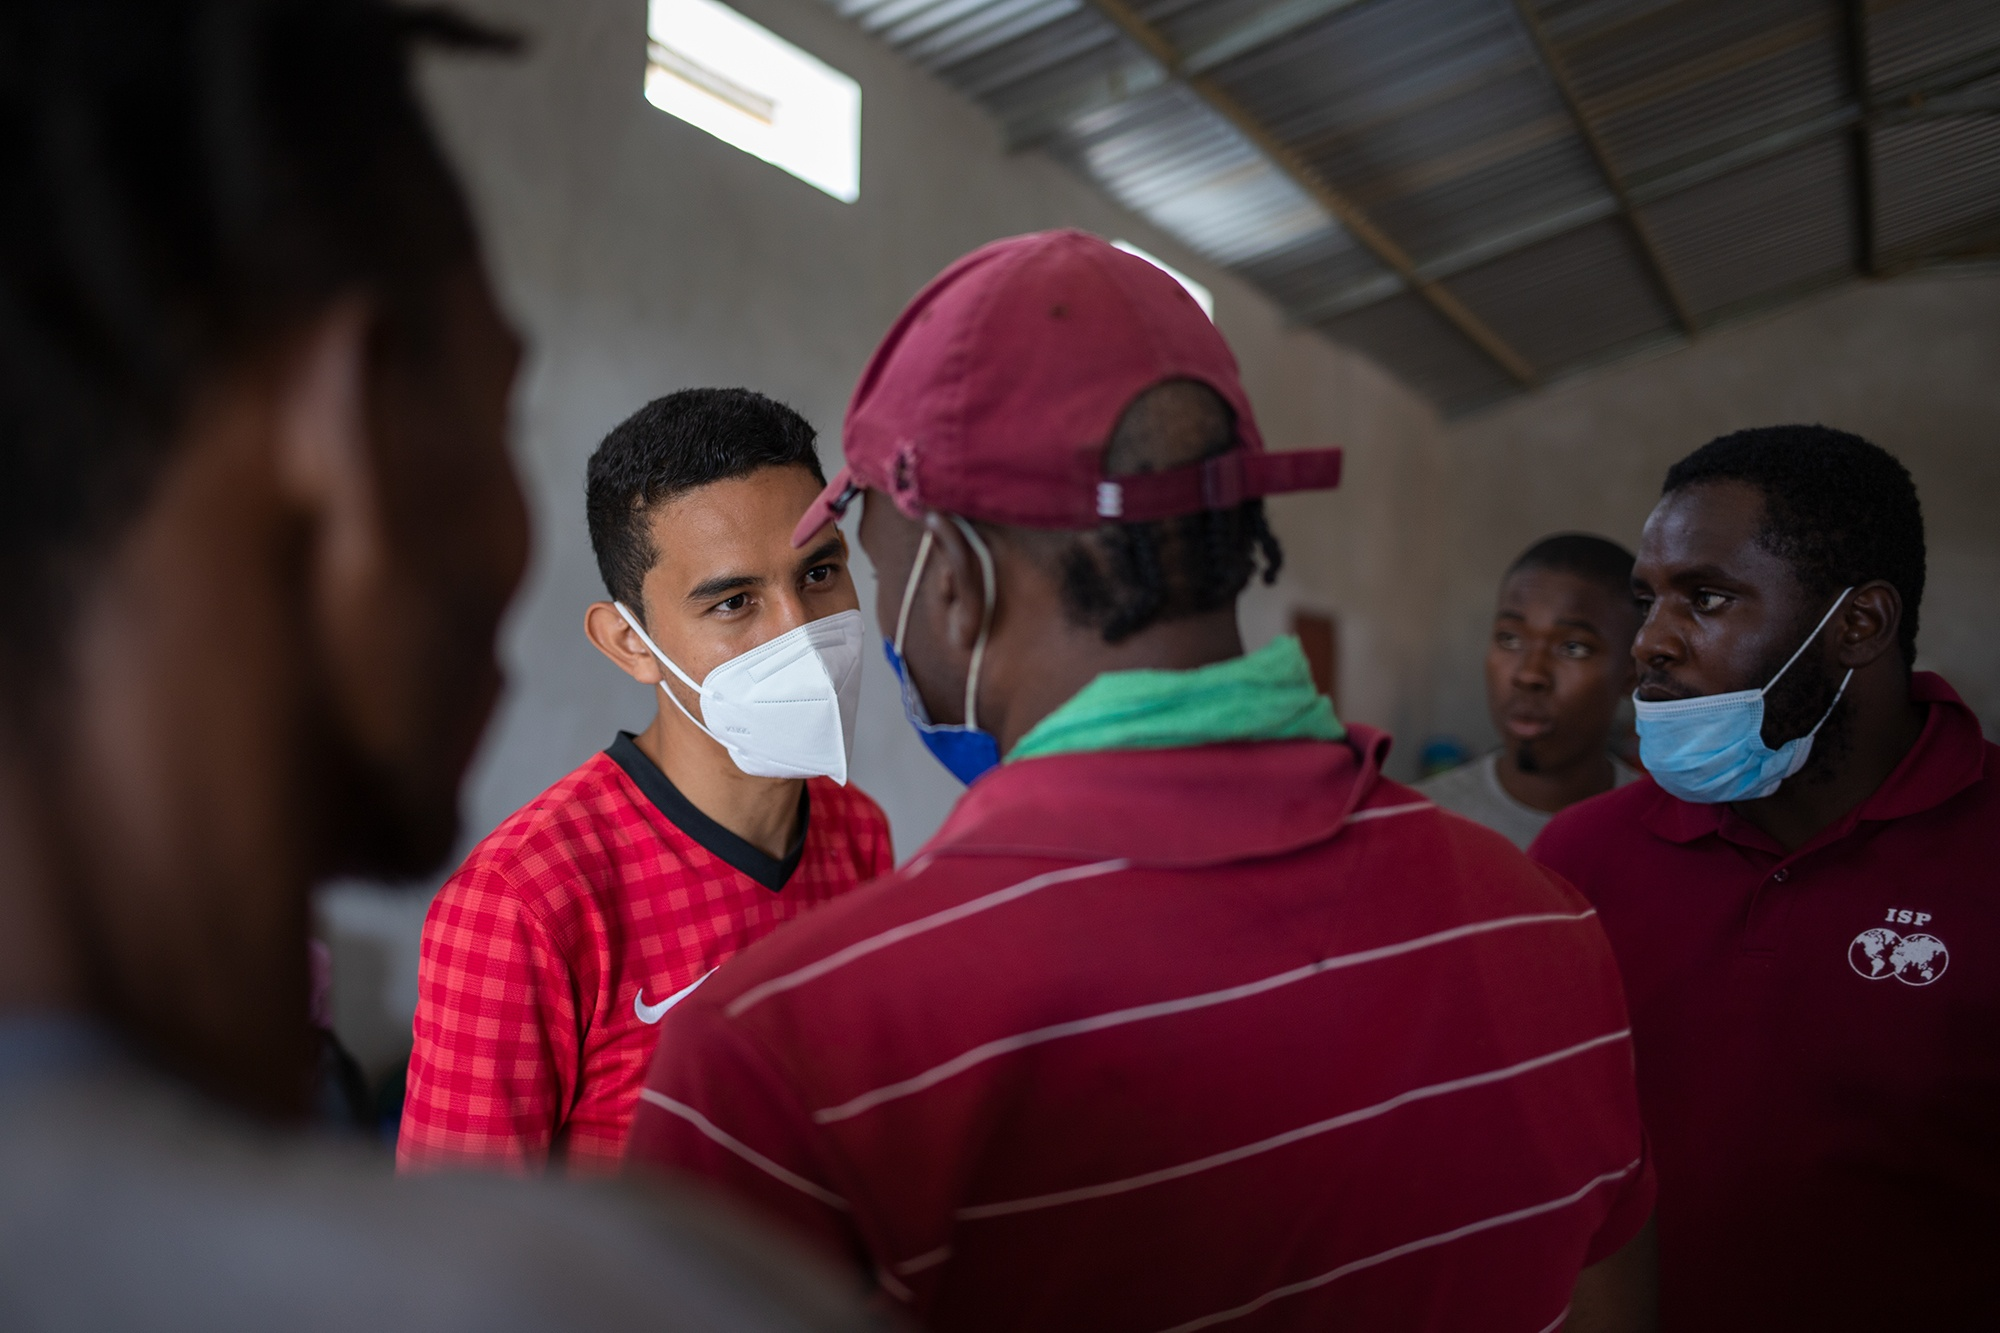 El pastor Kevin Corleto, de 25 años, atiende a un grupo de migrantes durante un recorrido por las iglesias que se han convertido en albergues para los migrantes africanos, haitianos y cubanos que llegan al municipio de Trójes. 22 de abril de 2021. Foto: Martín Cálix.